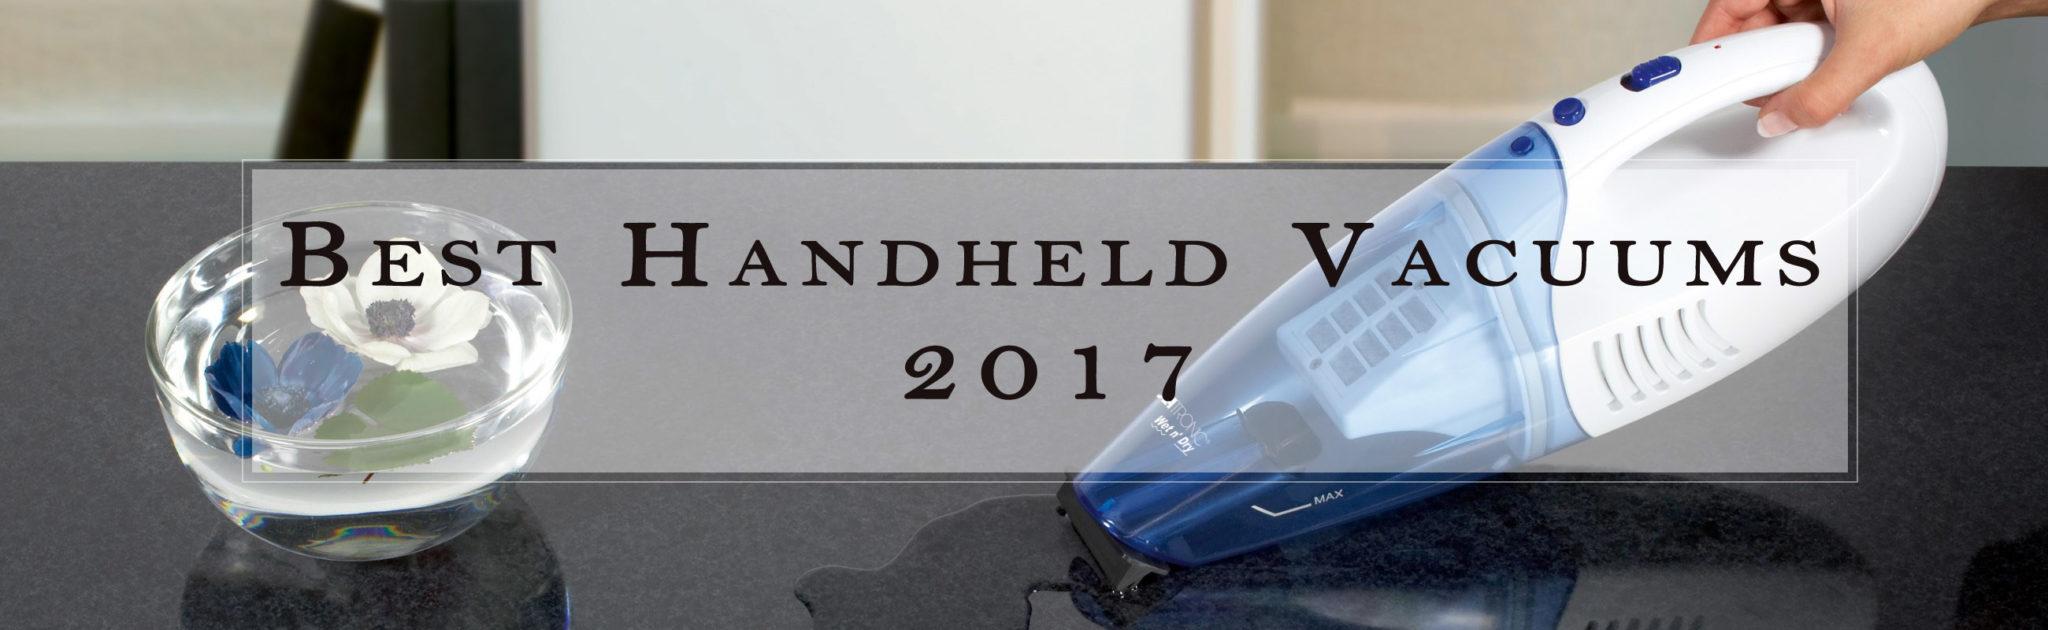 best handheld vacuum 2017